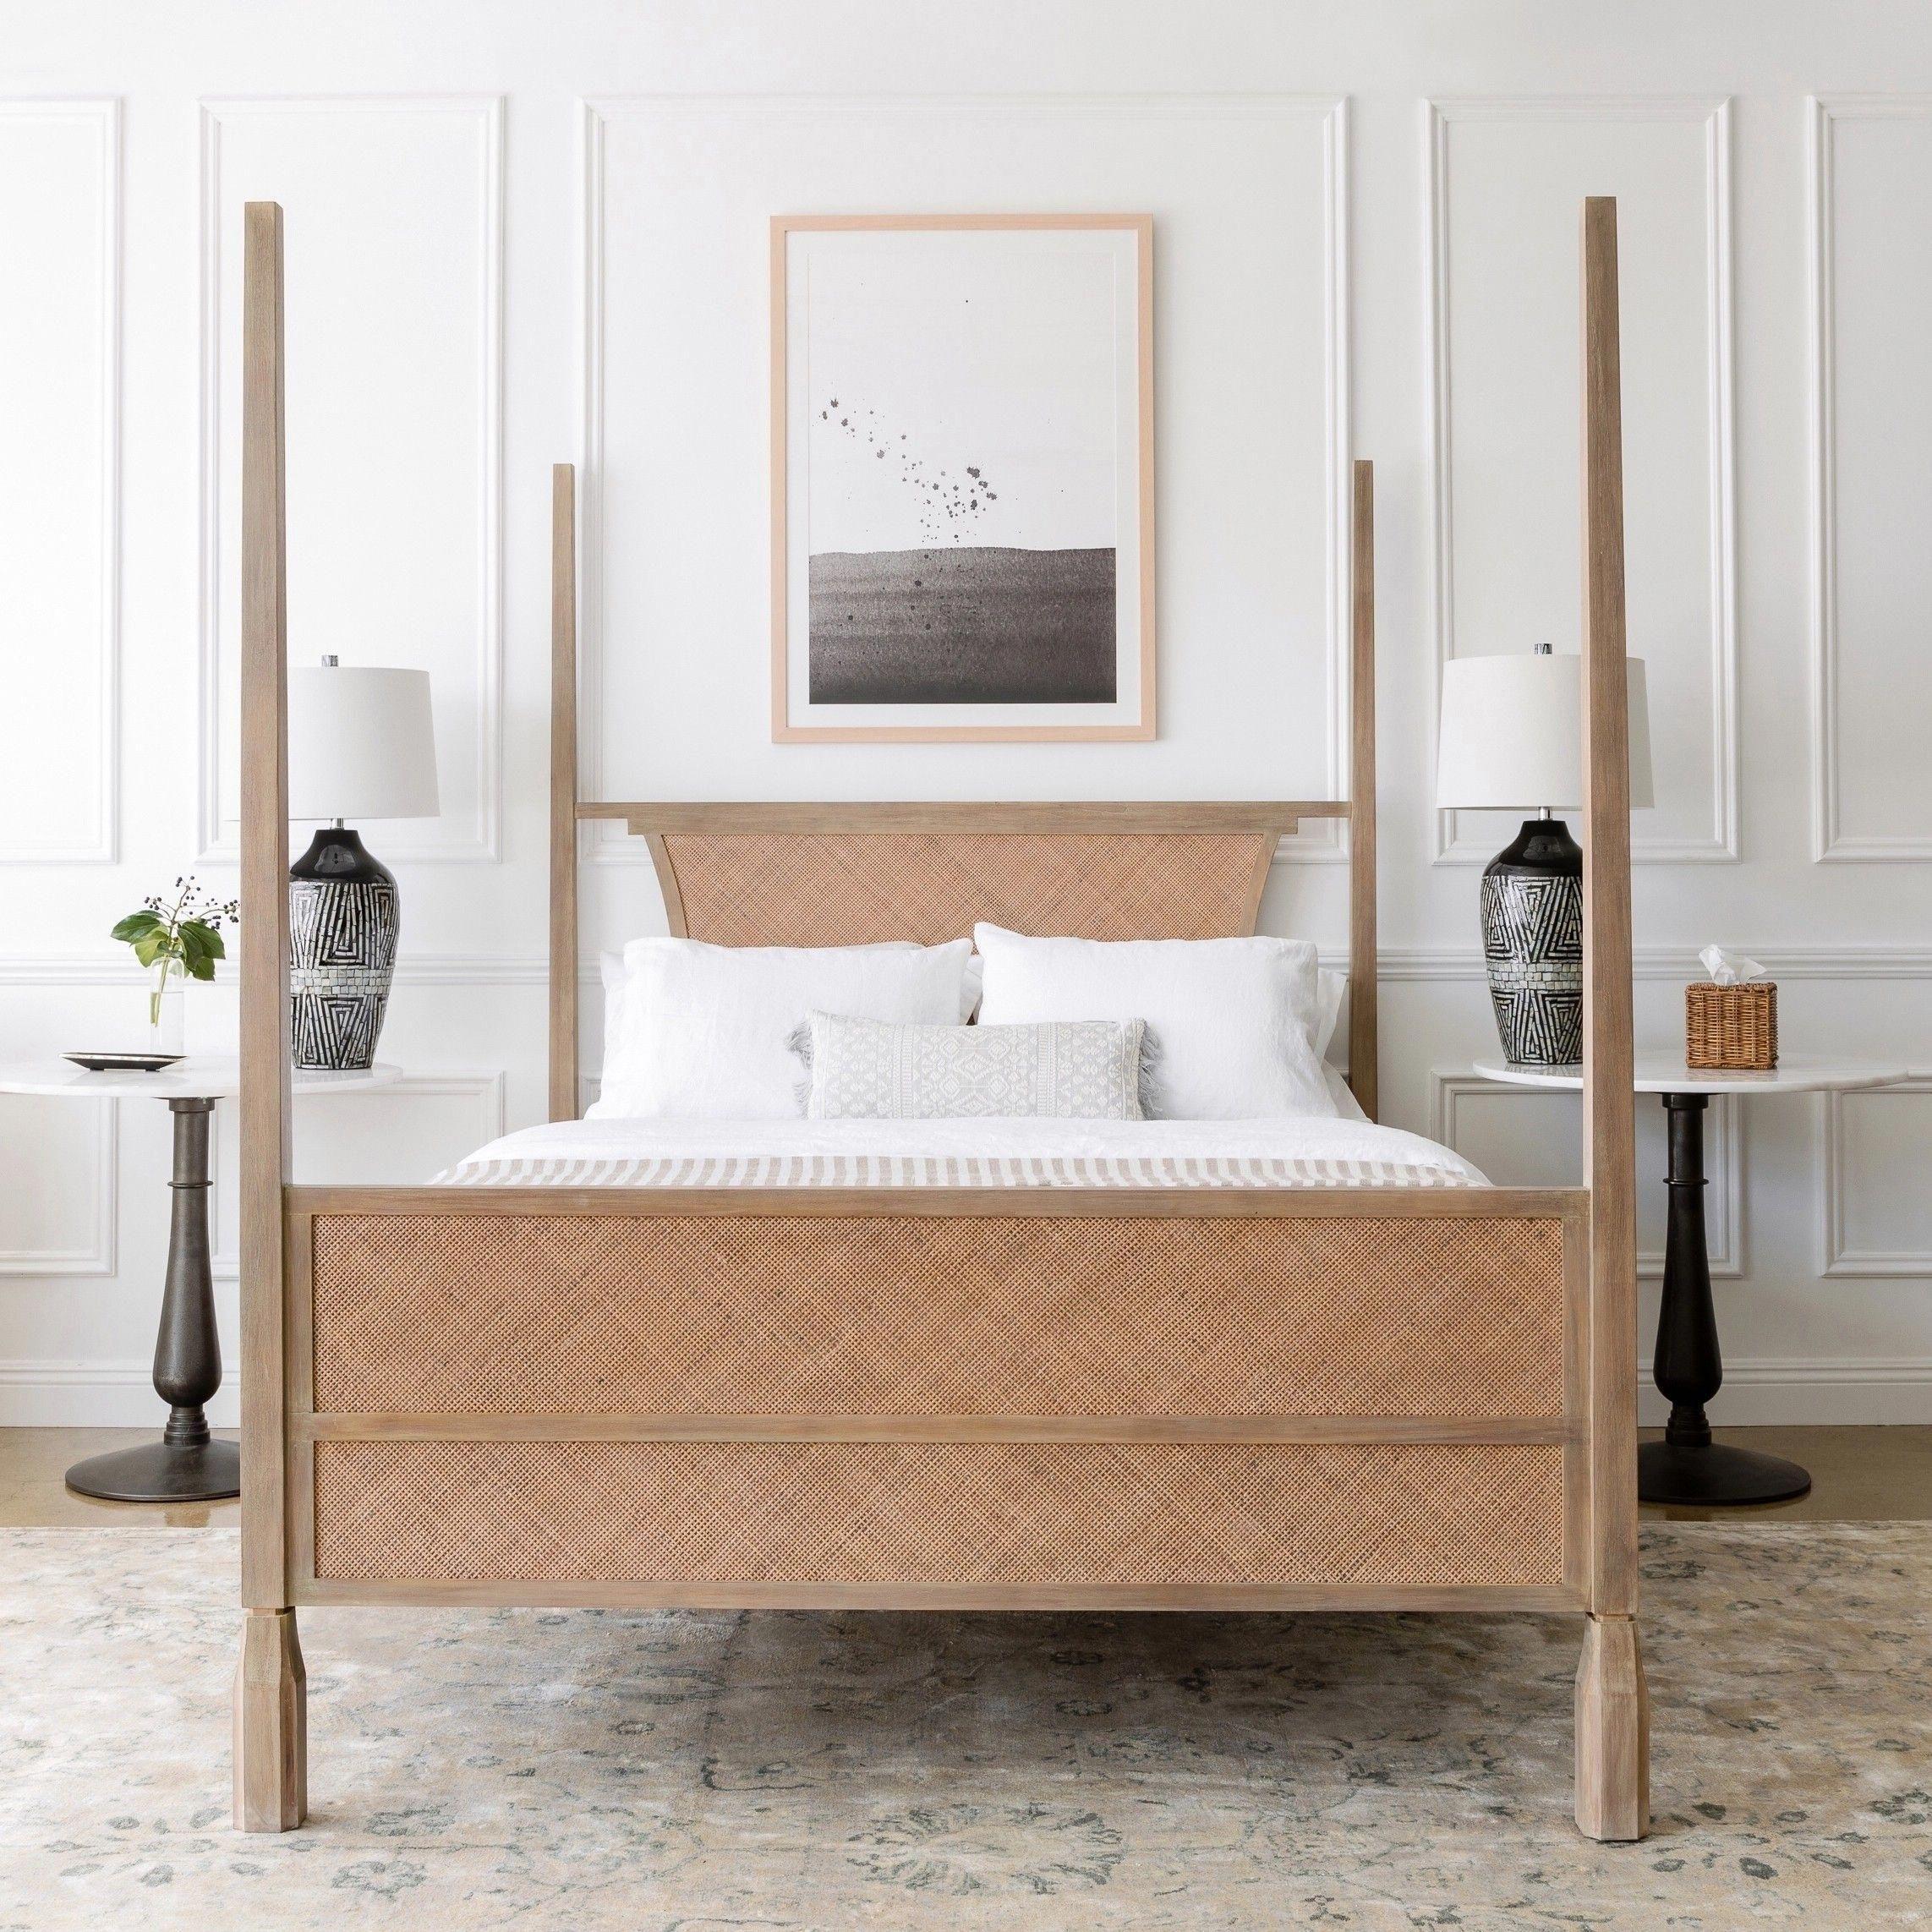 Bedding trends coupon code exclusivebedlinenideas id